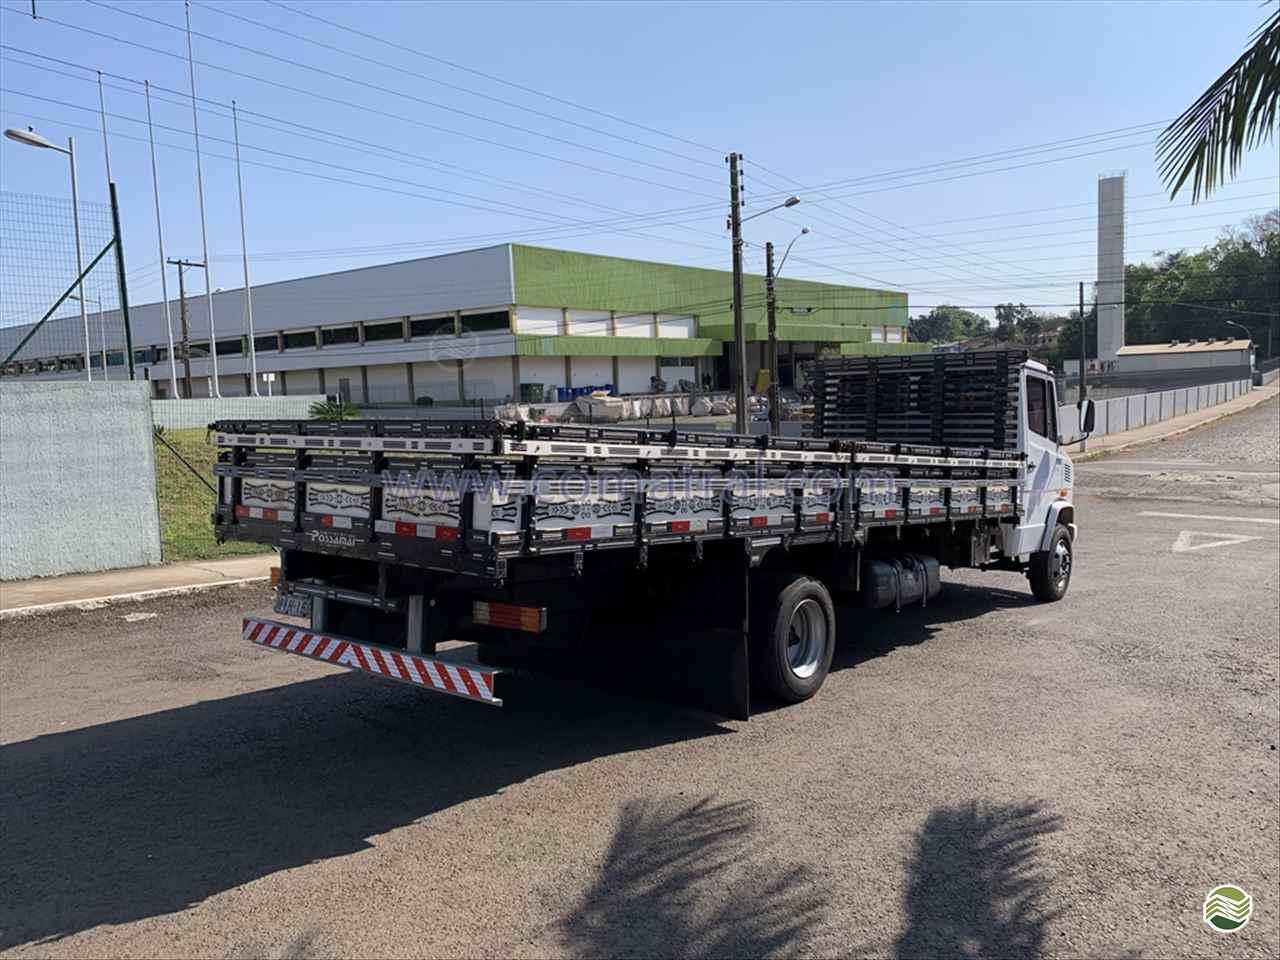 MERCEDES-BENZ MB 710 328000km 2009/2009 Comatral Caminhões e Máquinas Agrícolas